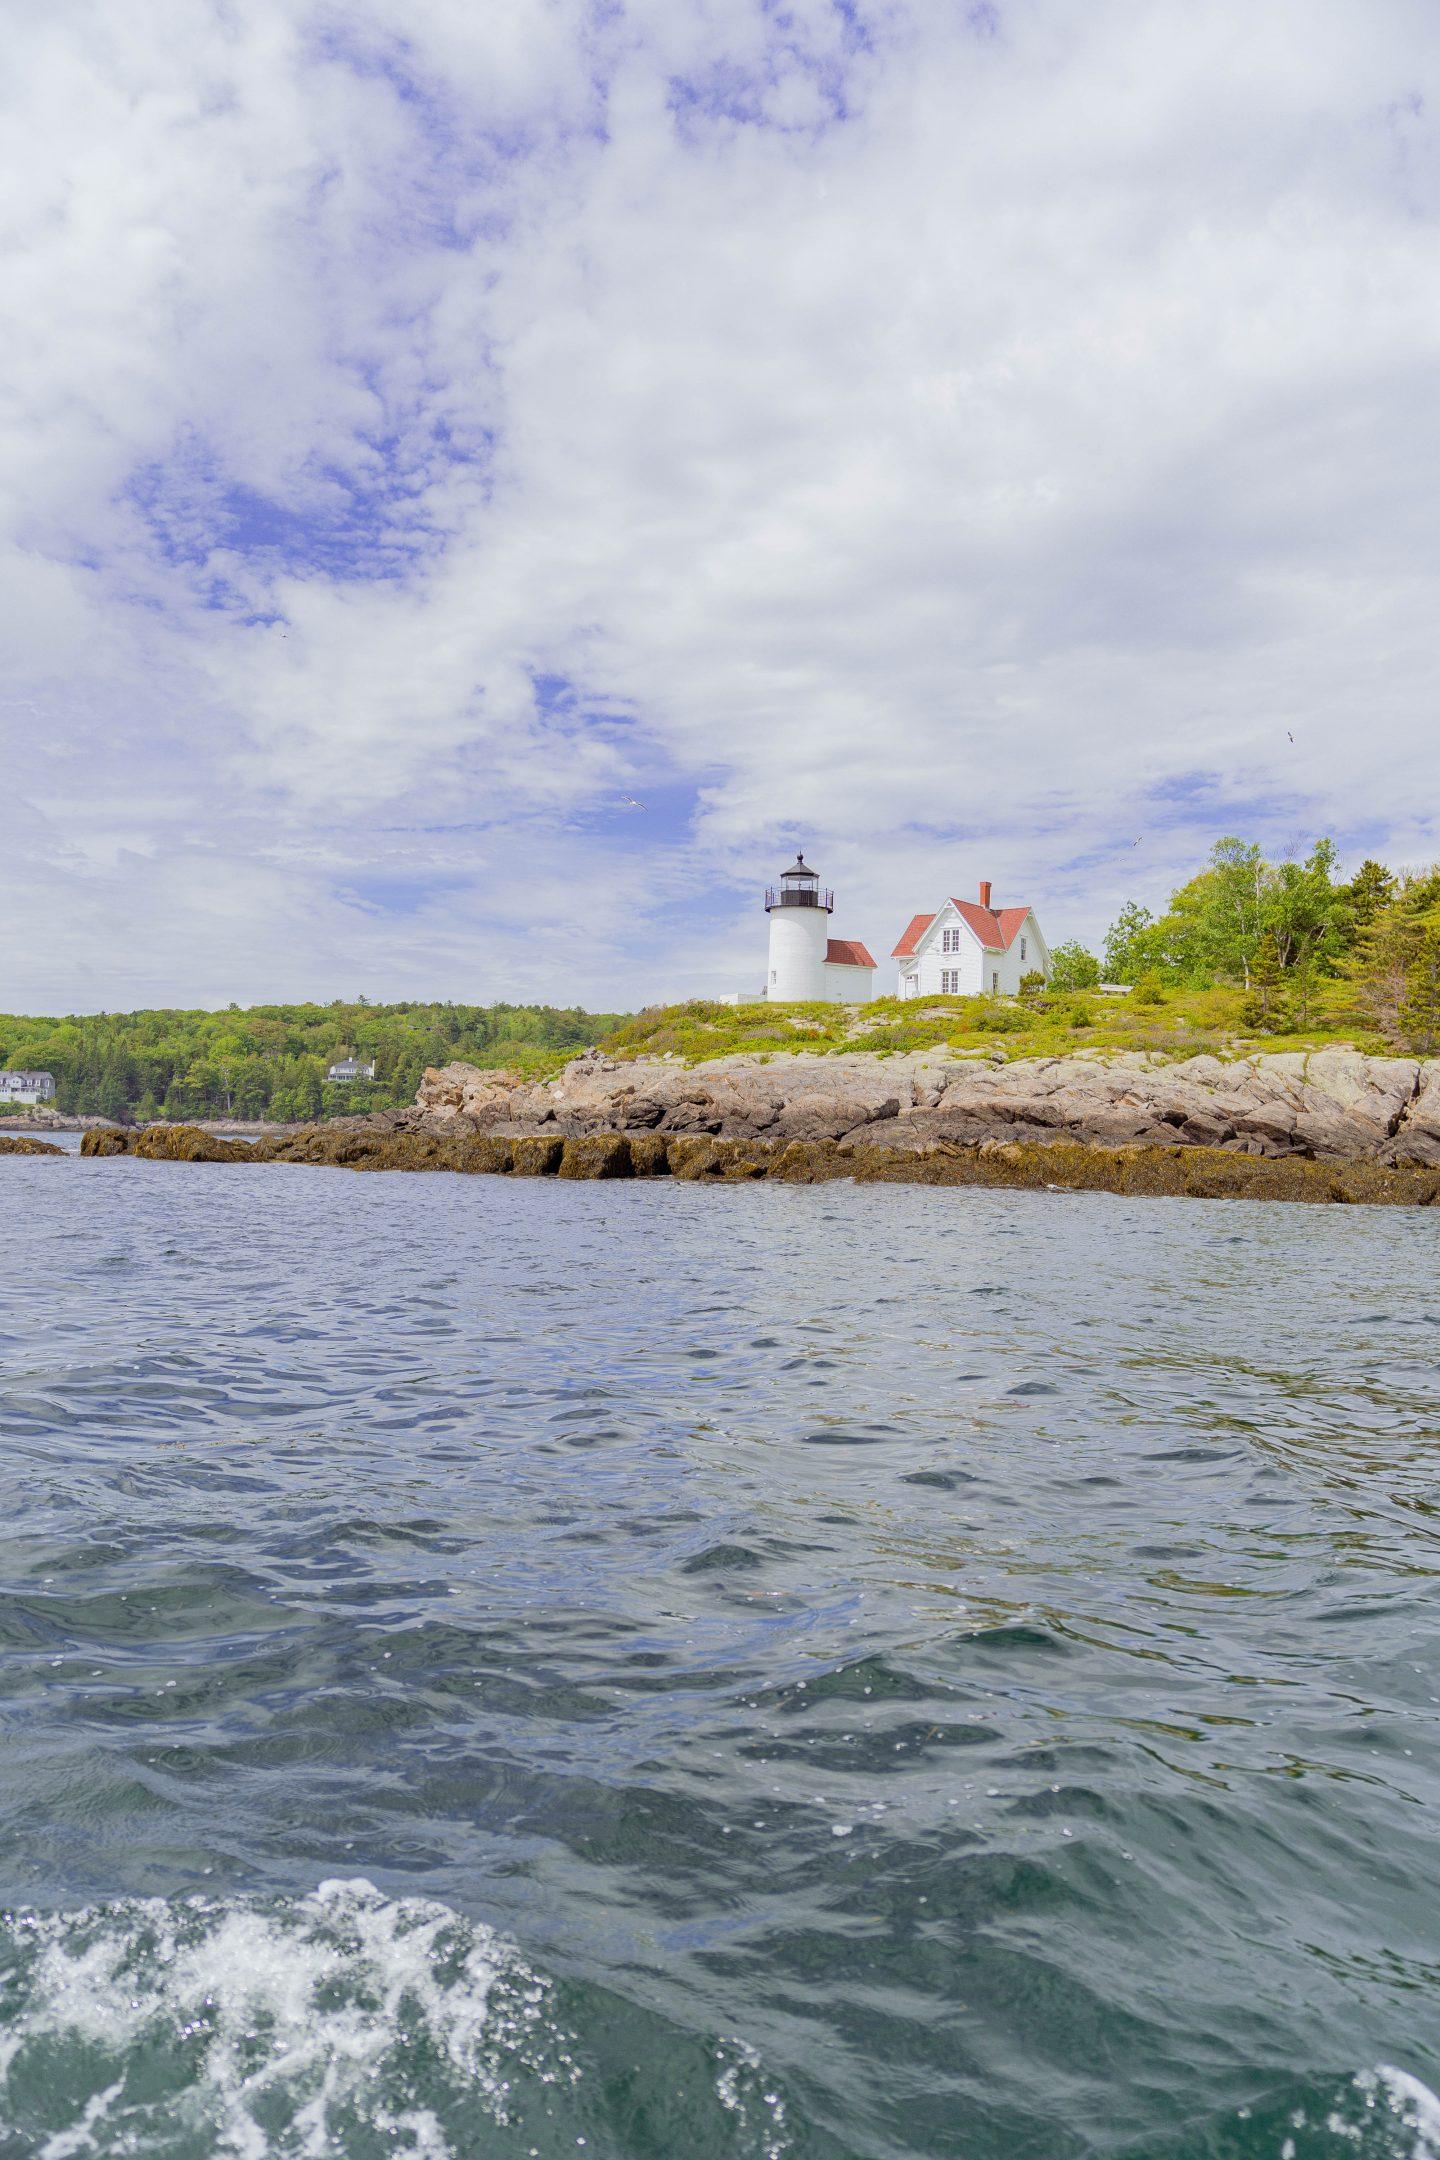 livinglesh lighthouse in camden maine